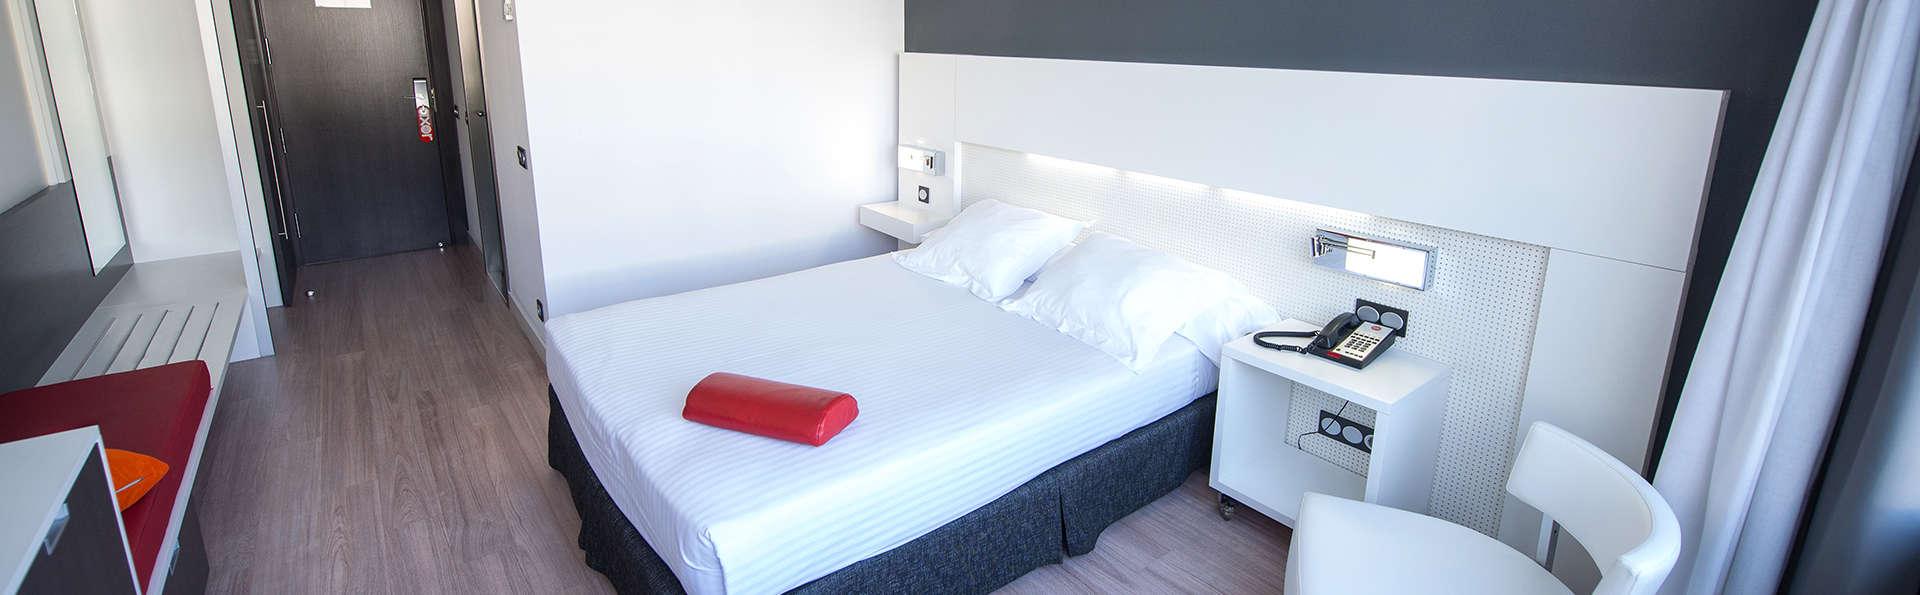 AXOR Feria - EDIT_Room1.jpg